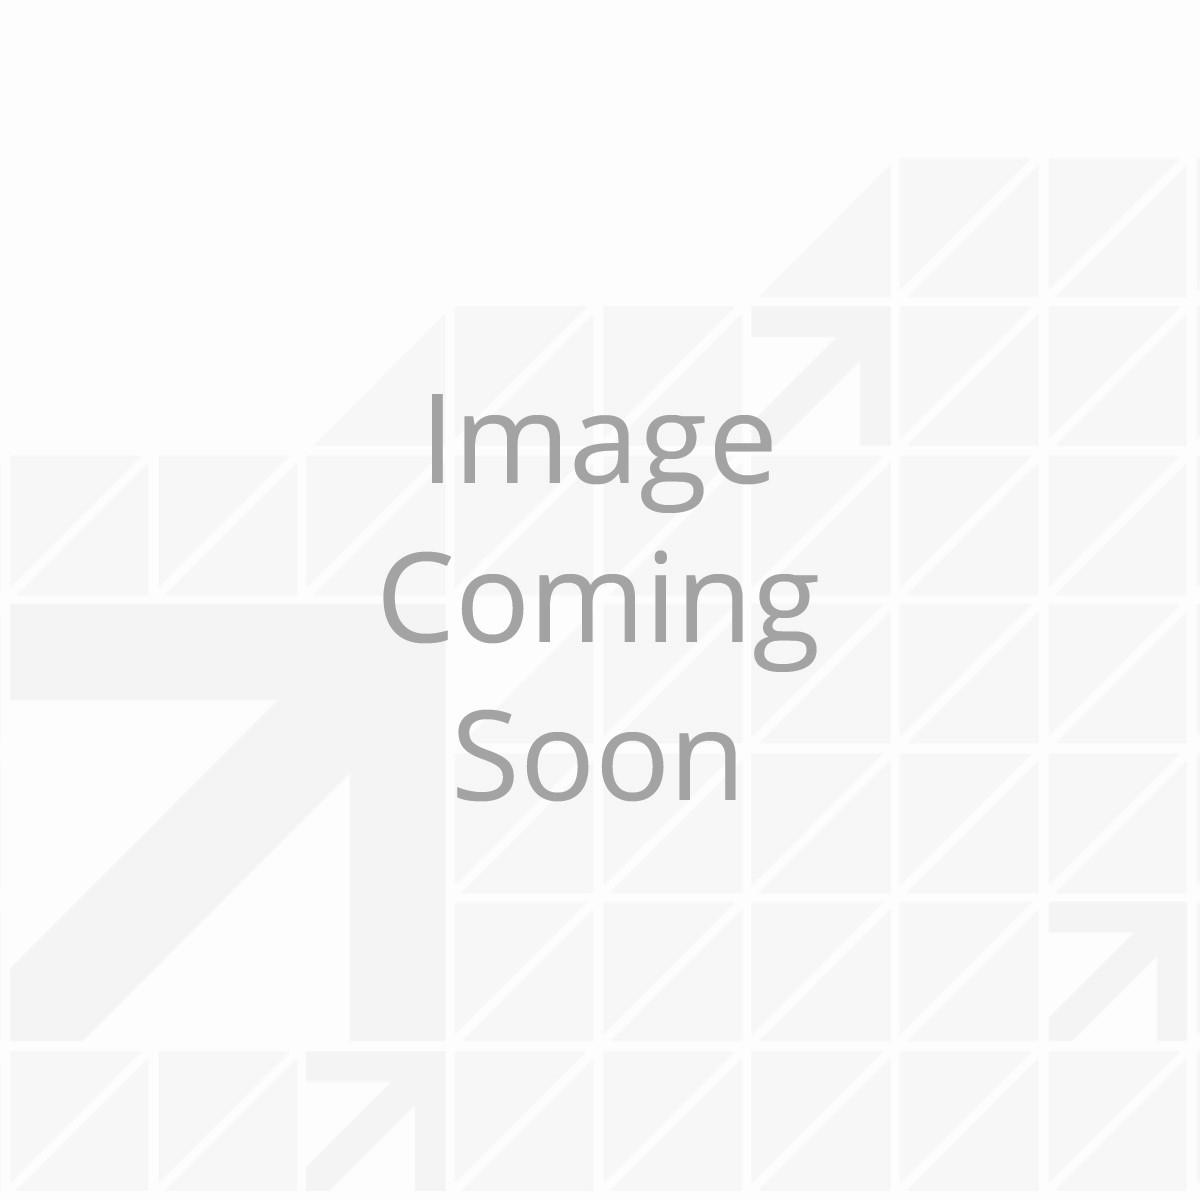 Raxm 68.25 X 7.5 Standard